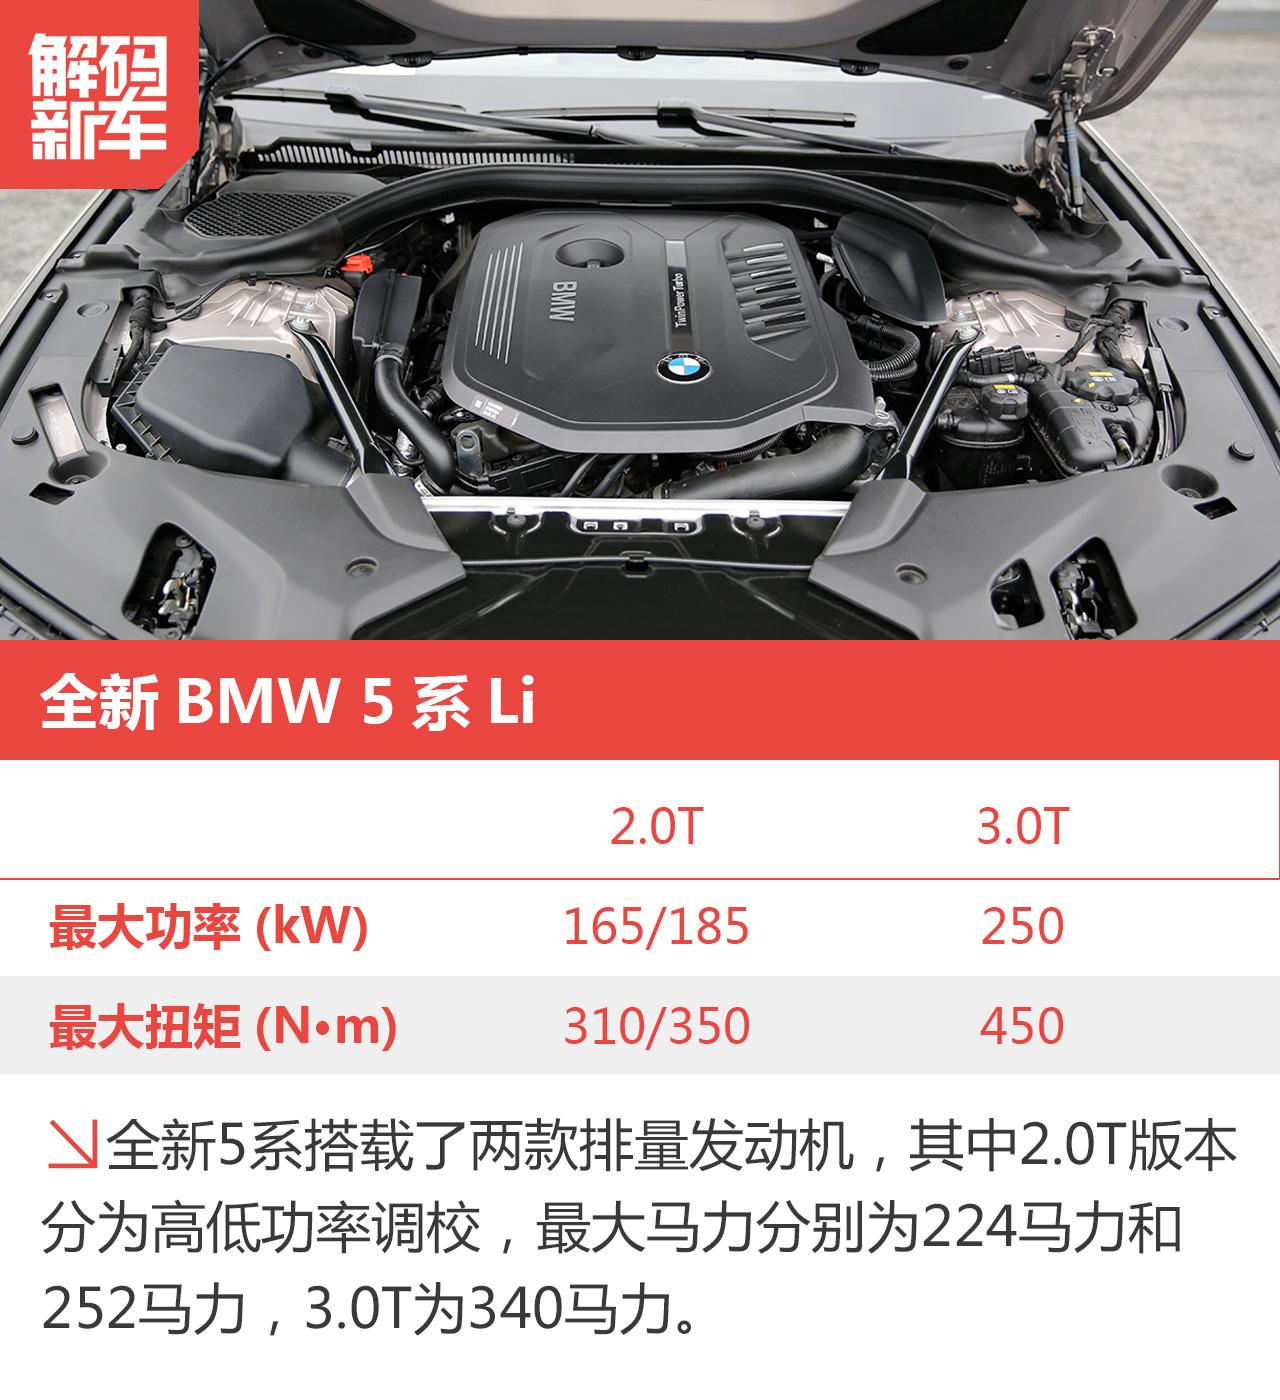 新车解码:全新宝马5系Li到底怎么样?